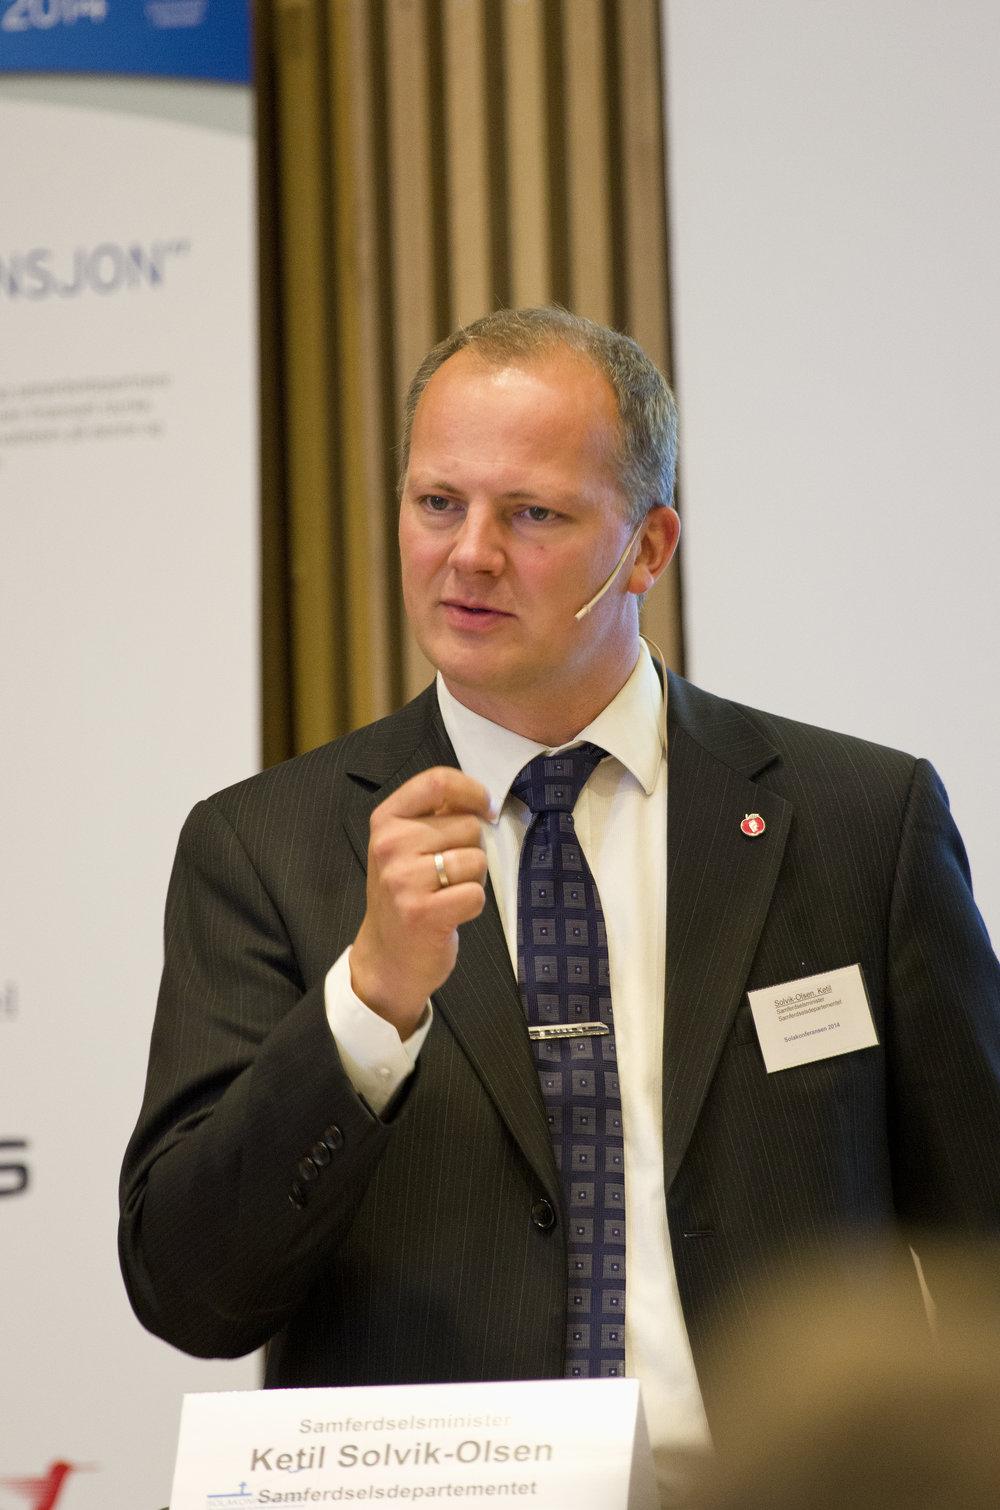 Ketil Solvik-Olsen (2).JPG